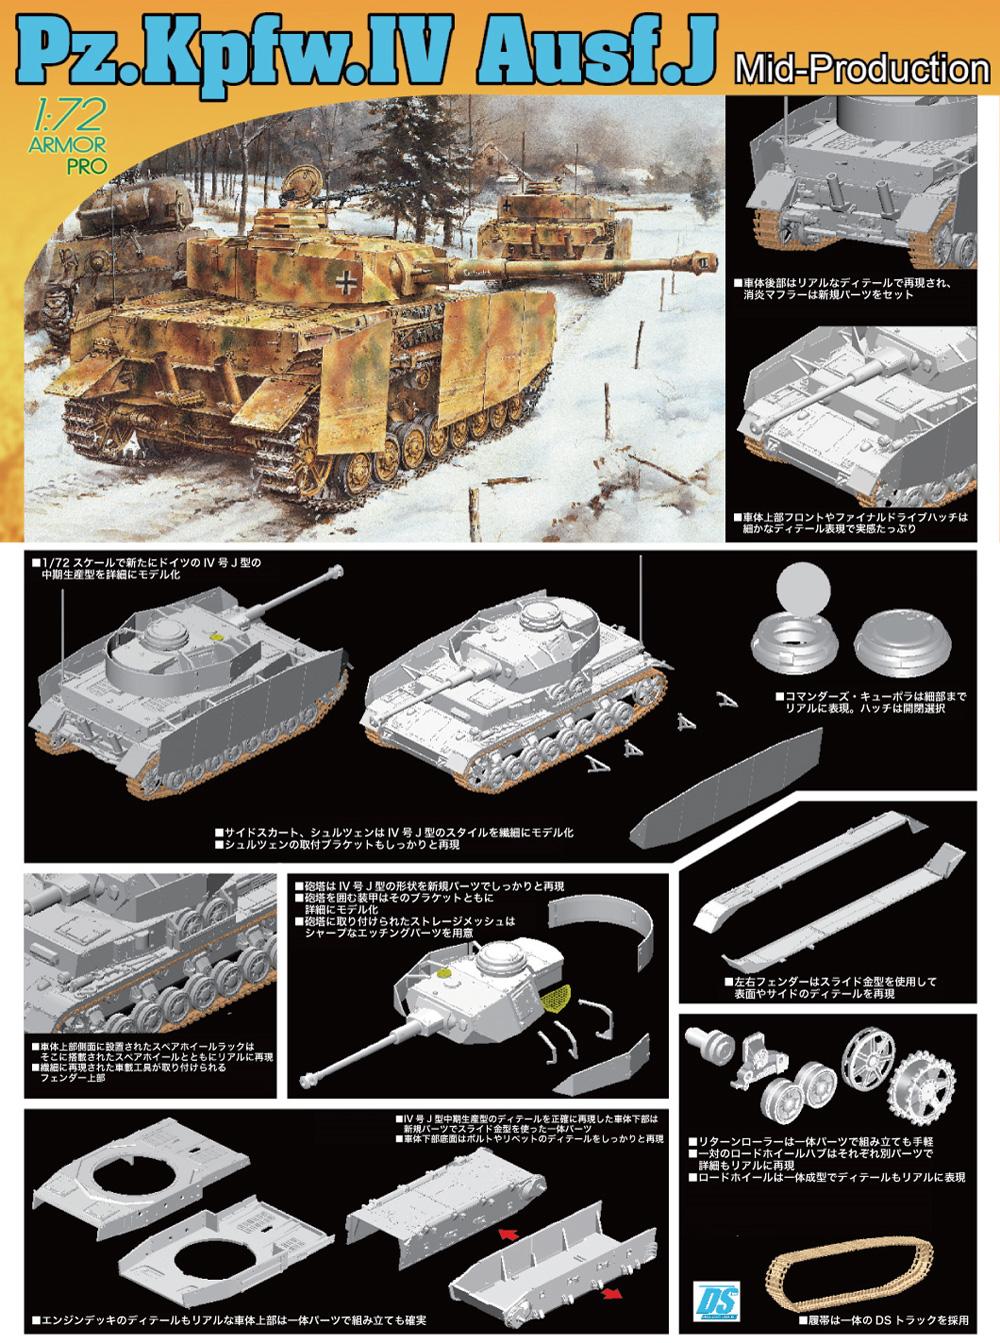 Pz.Kpfw.4 4号戦車J型 中期生産型プラモデル(ドラゴン1/72 ARMOR PRO (アーマープロ)No.7498)商品画像_2